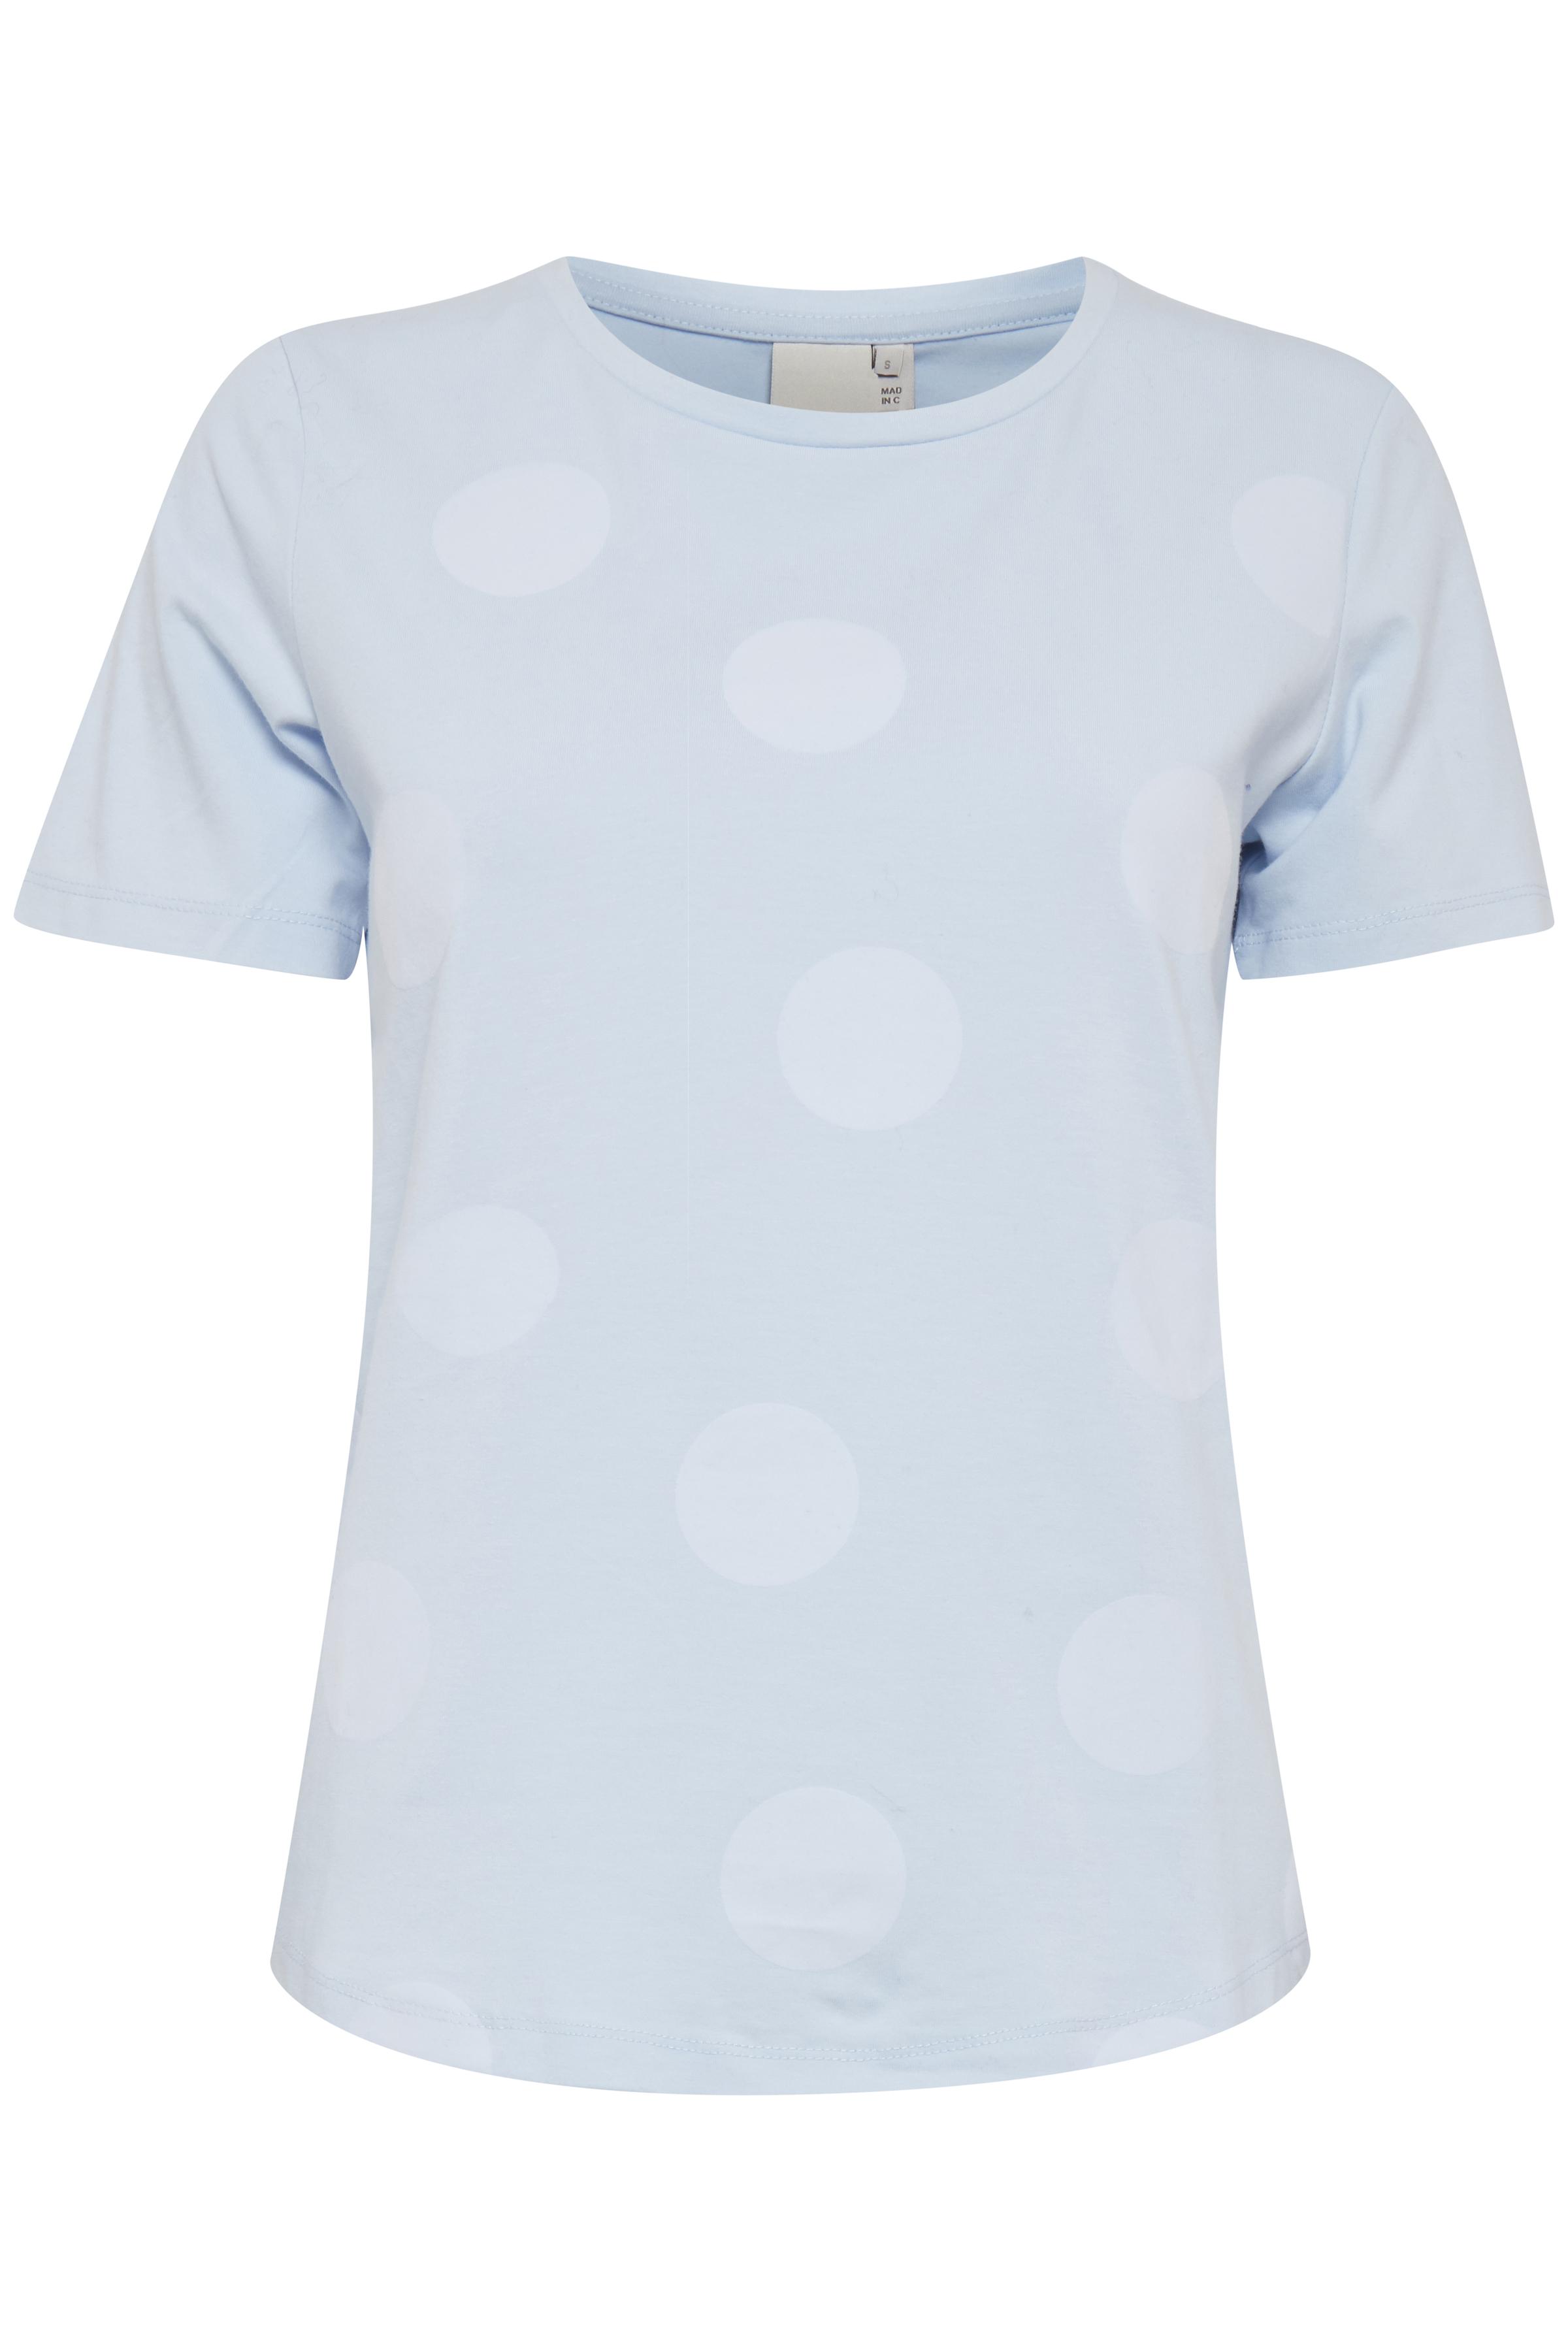 Skyway T-shirt – Køb Skyway T-shirt fra str. XS-L her